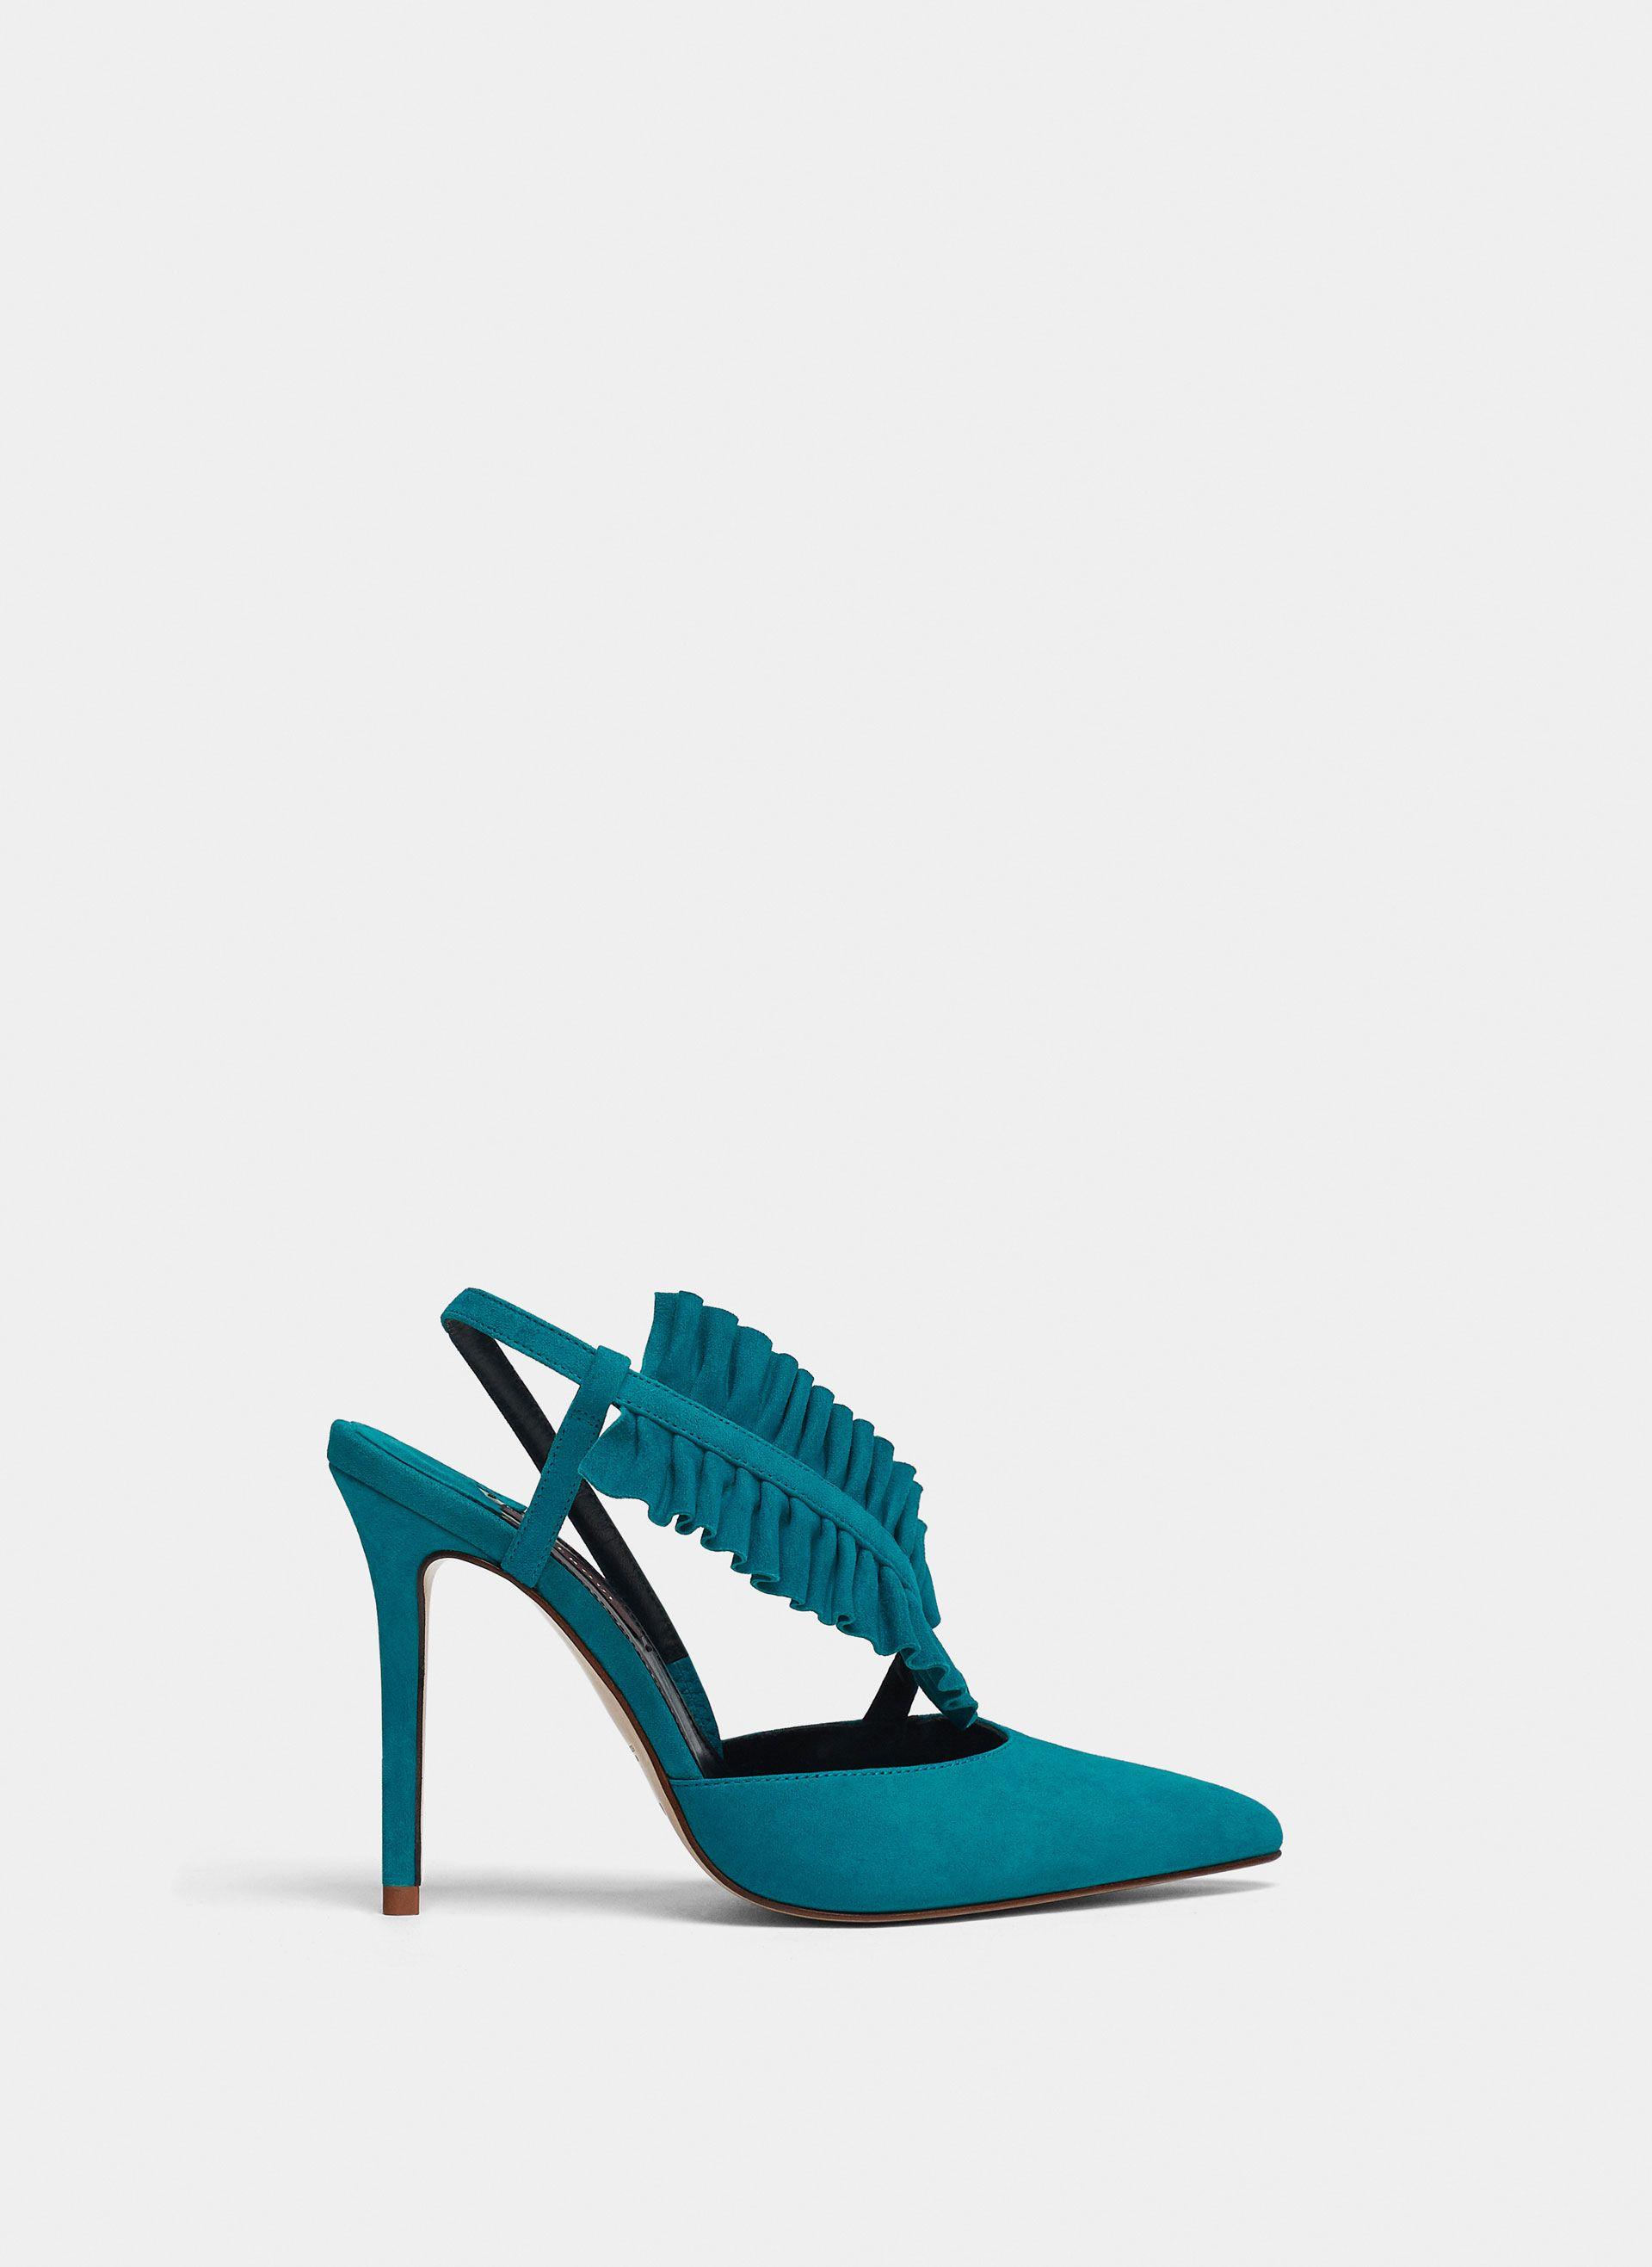 0f632f3d63e536 Uterqüe France Product Page - Chaussures - Chaussures à talon - Escarpins  mules volant - 115